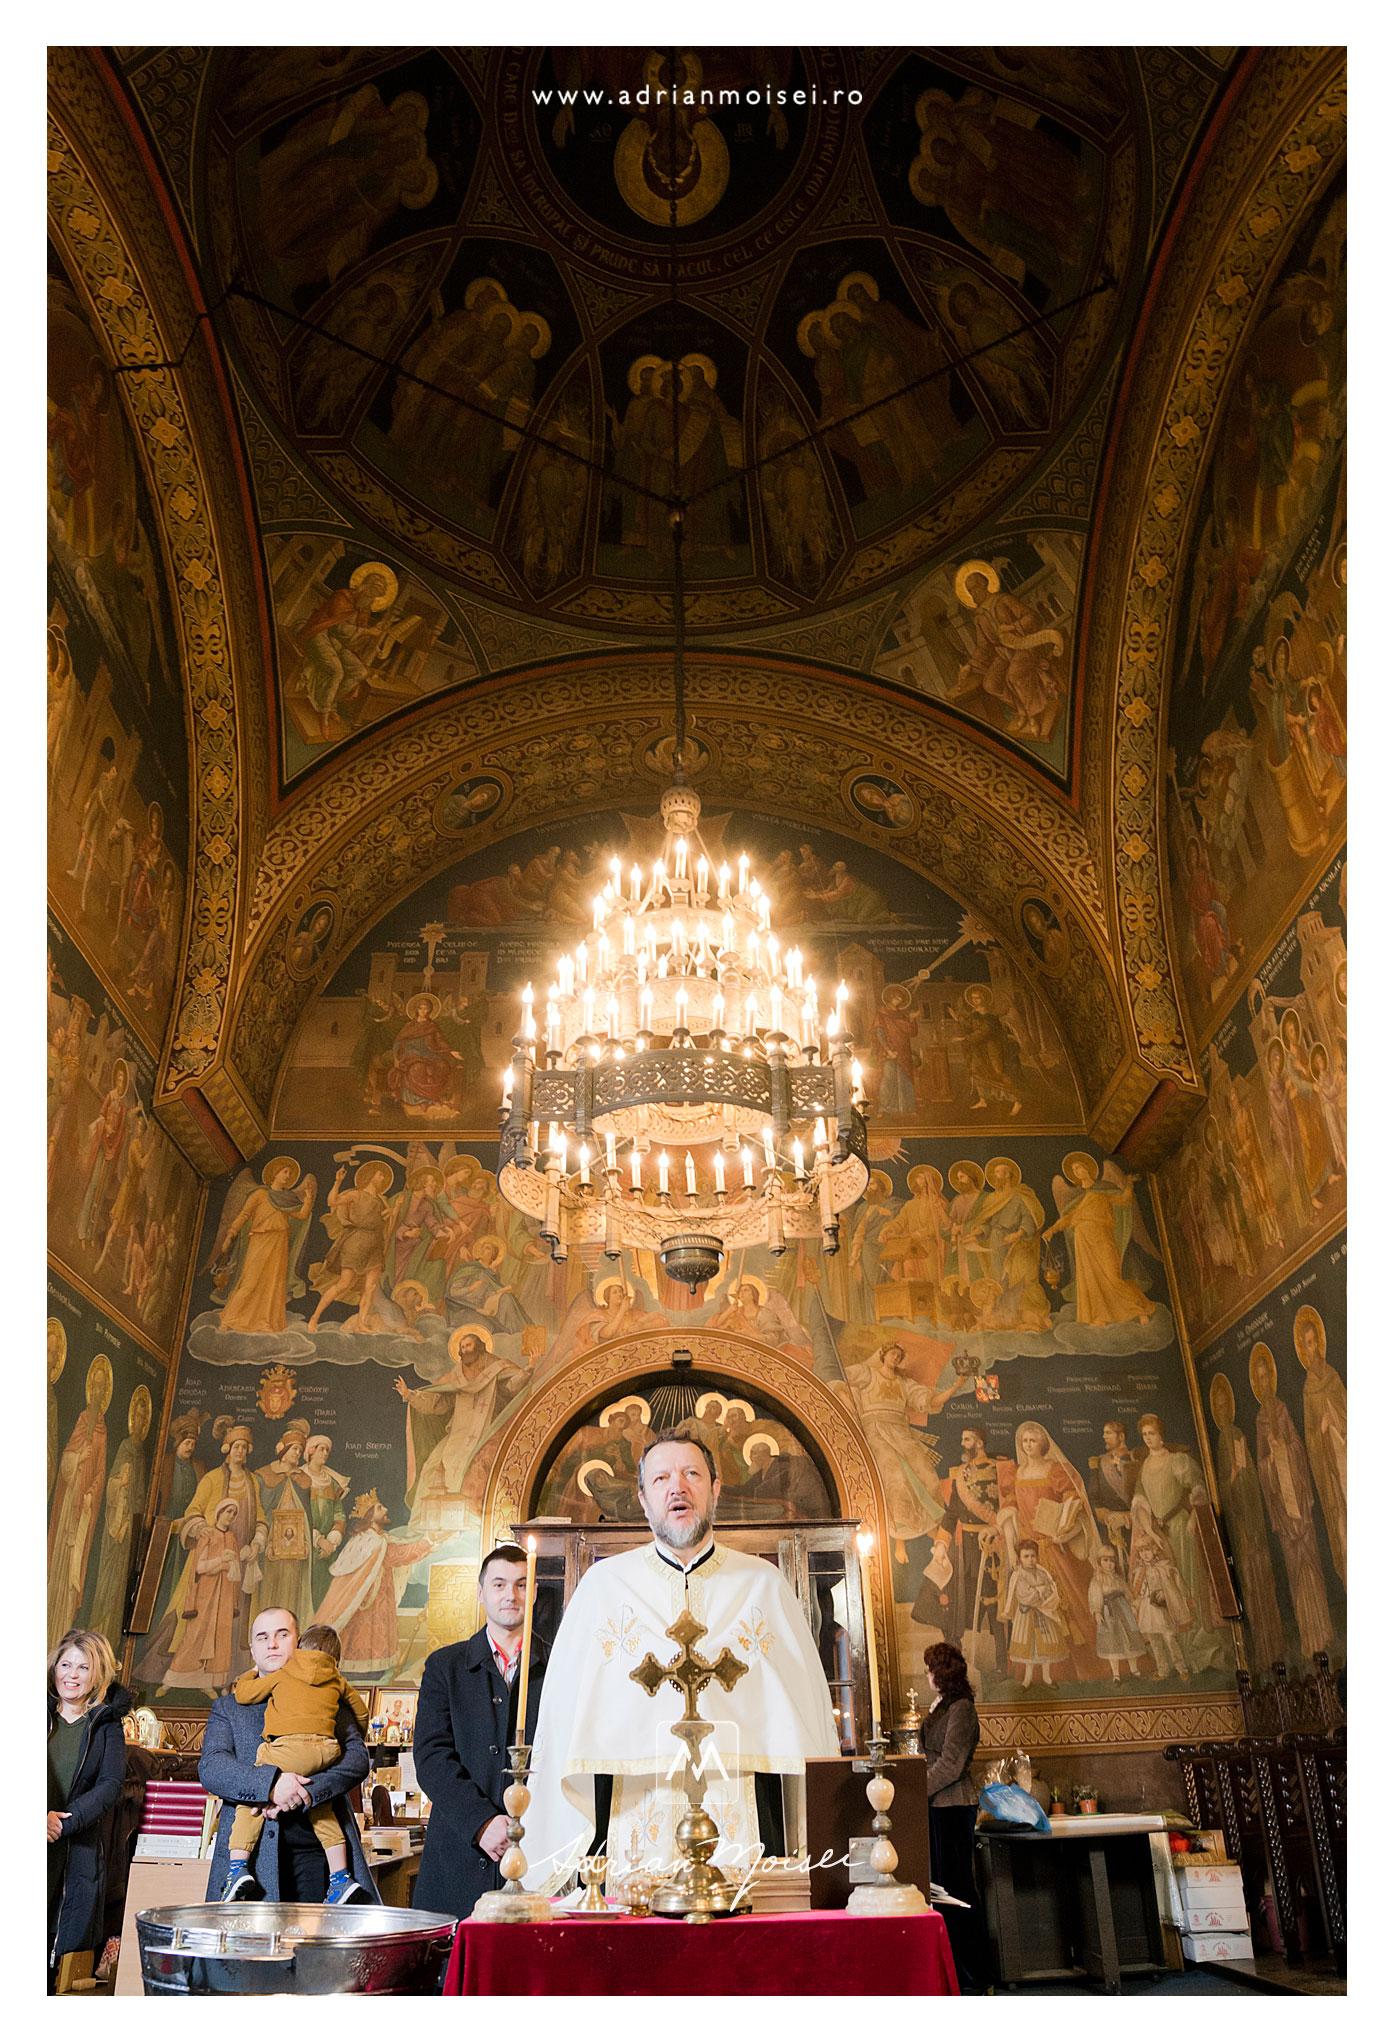 Botez călduros într-o zi de iarnă, la Iași, biserica Sfântul Nicolae Domnesc. Vedere de interior wide a bisericii, cu expunere perfectă